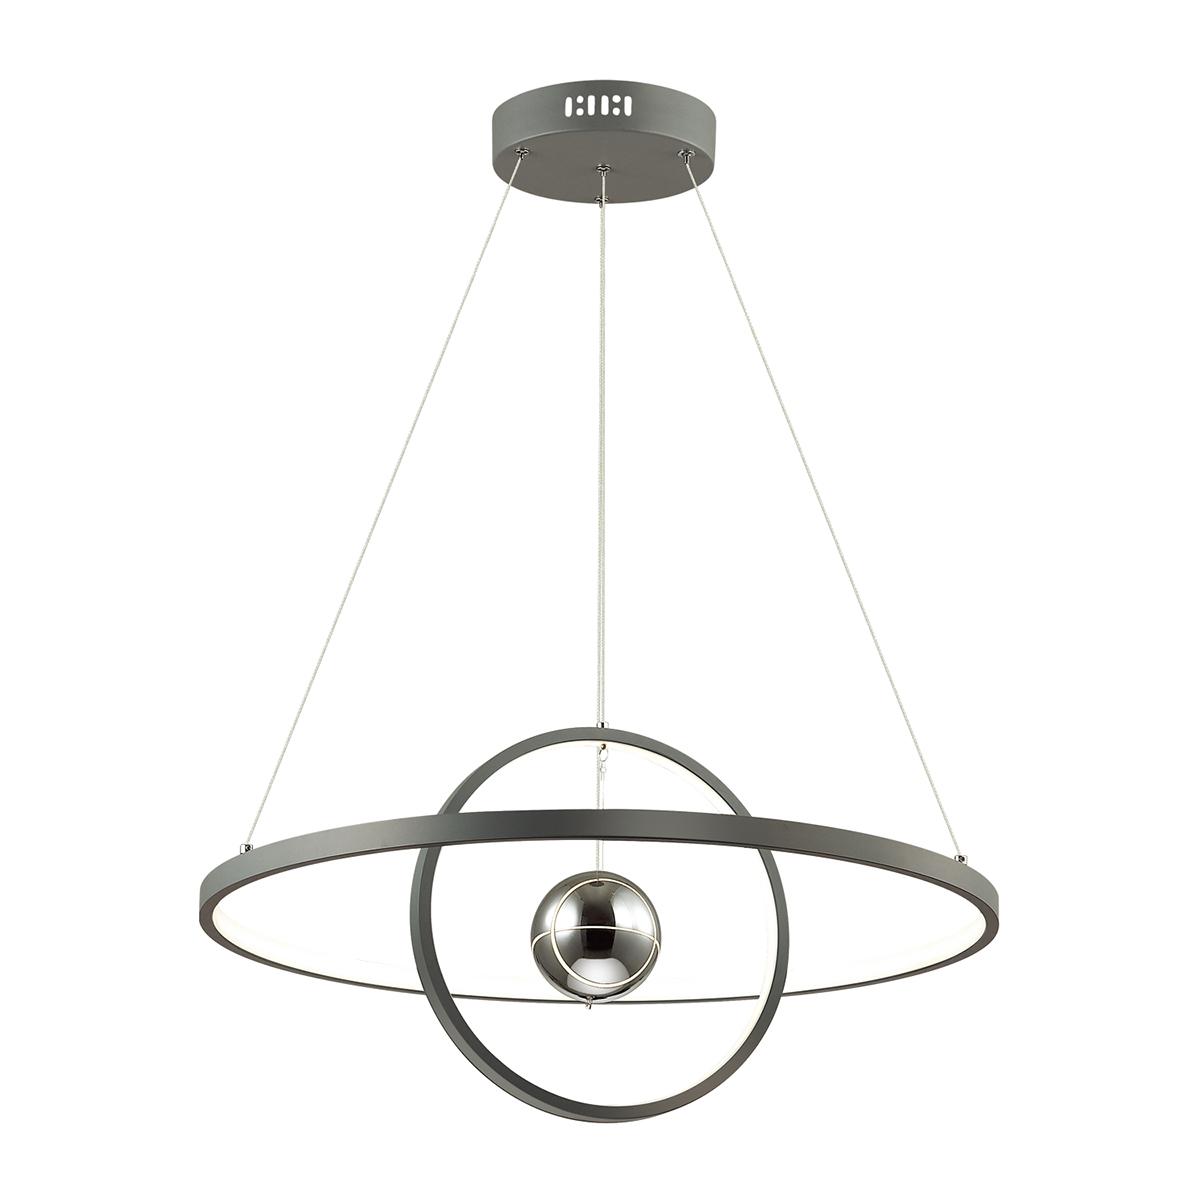 Подвесной светодиодный светильник Odeon Light L-Vision Lond 4031/40L, LED 40W 3000K 3600lm, темно-серый, хром, металл, пластик, стекло - фото 1